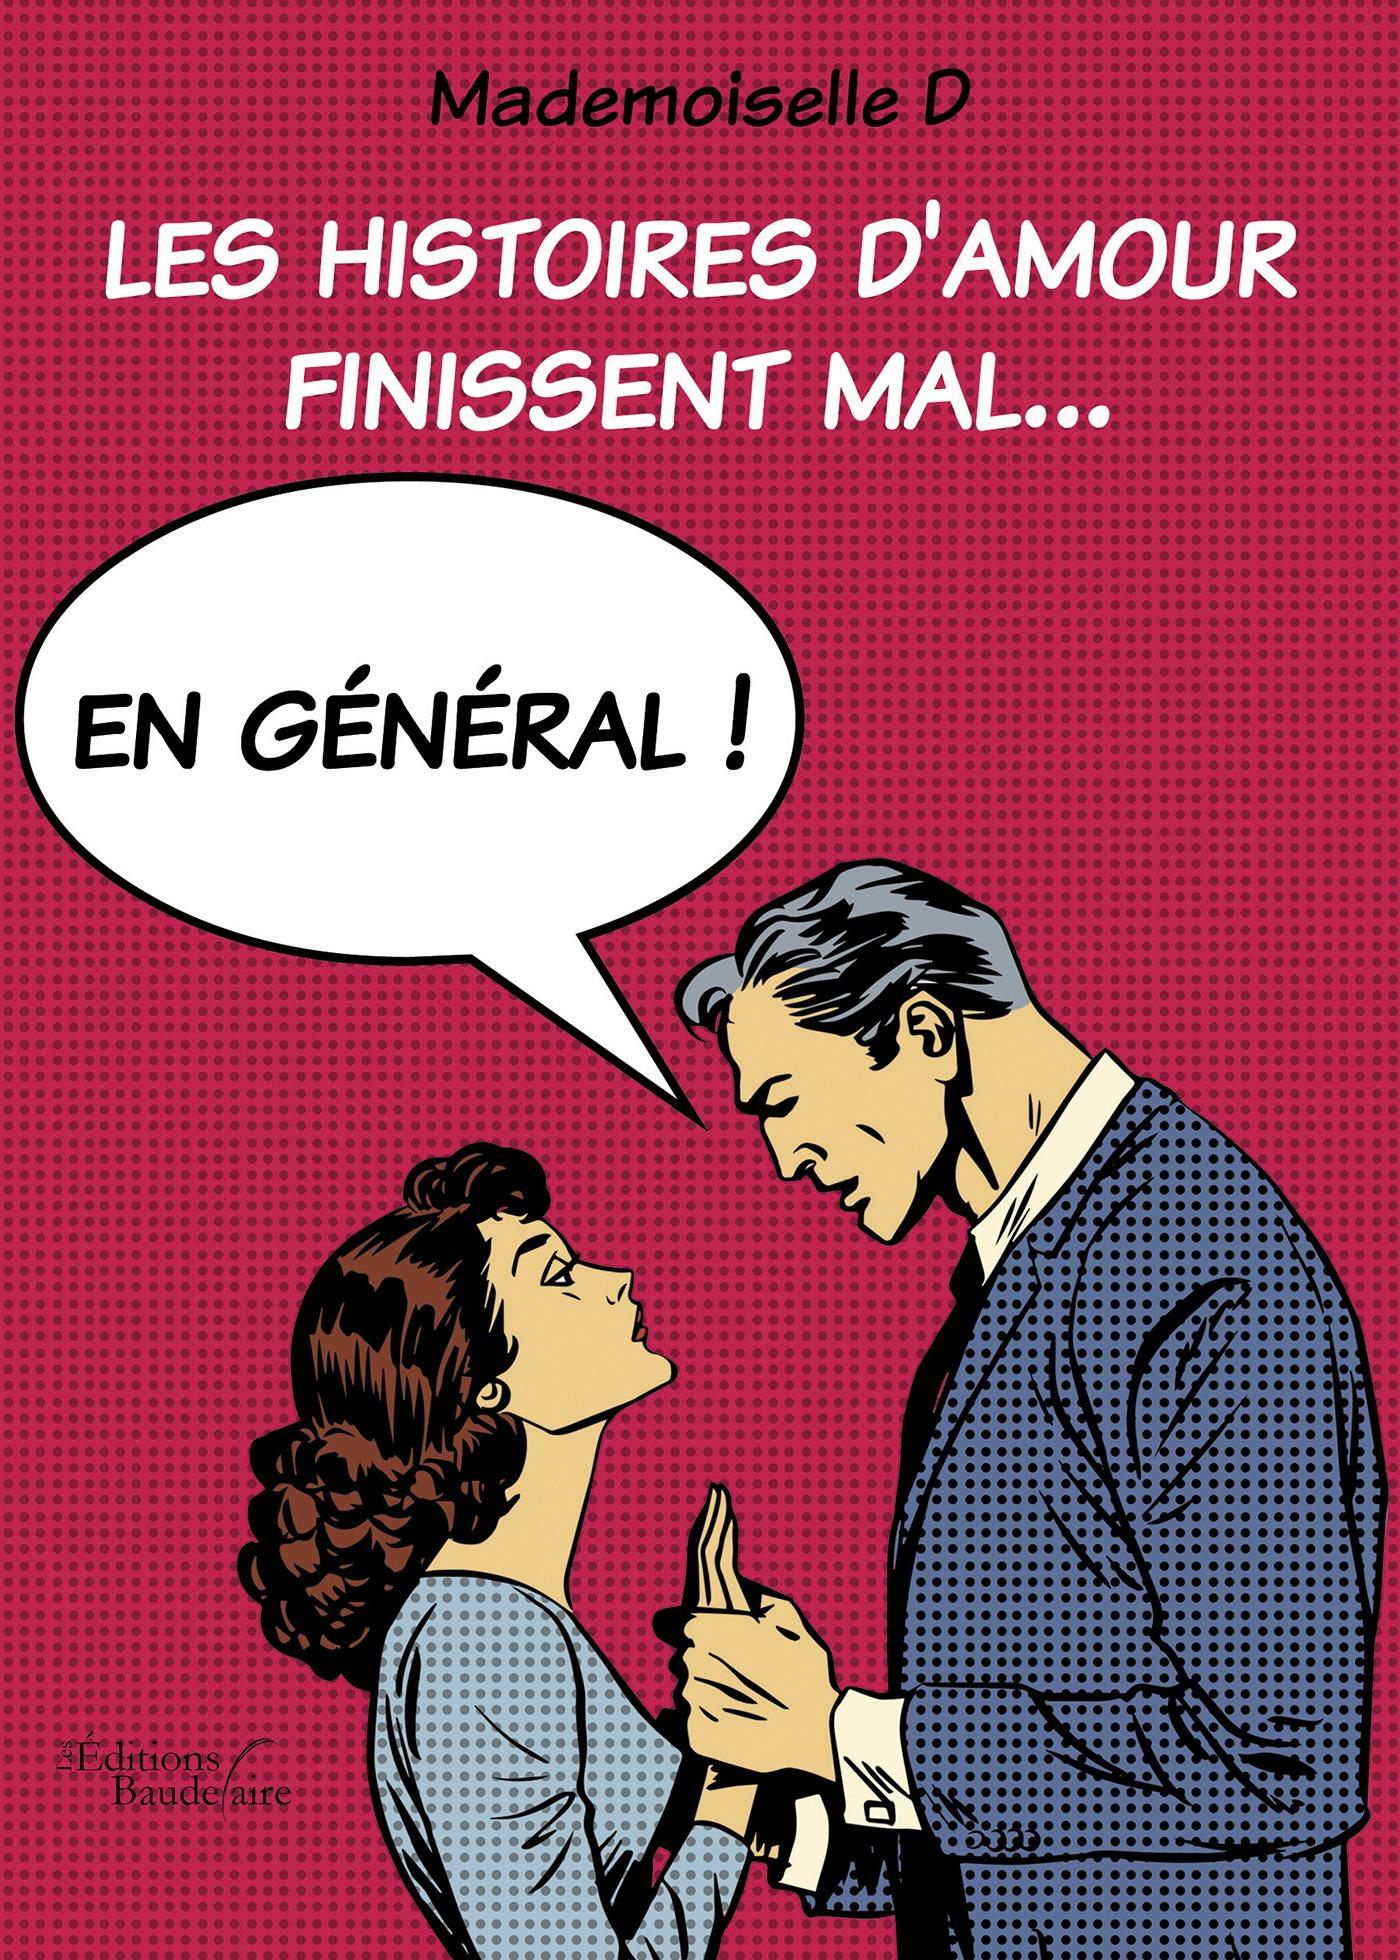 Mademoiselle d Les histoires d'amour finissent mal... En général !